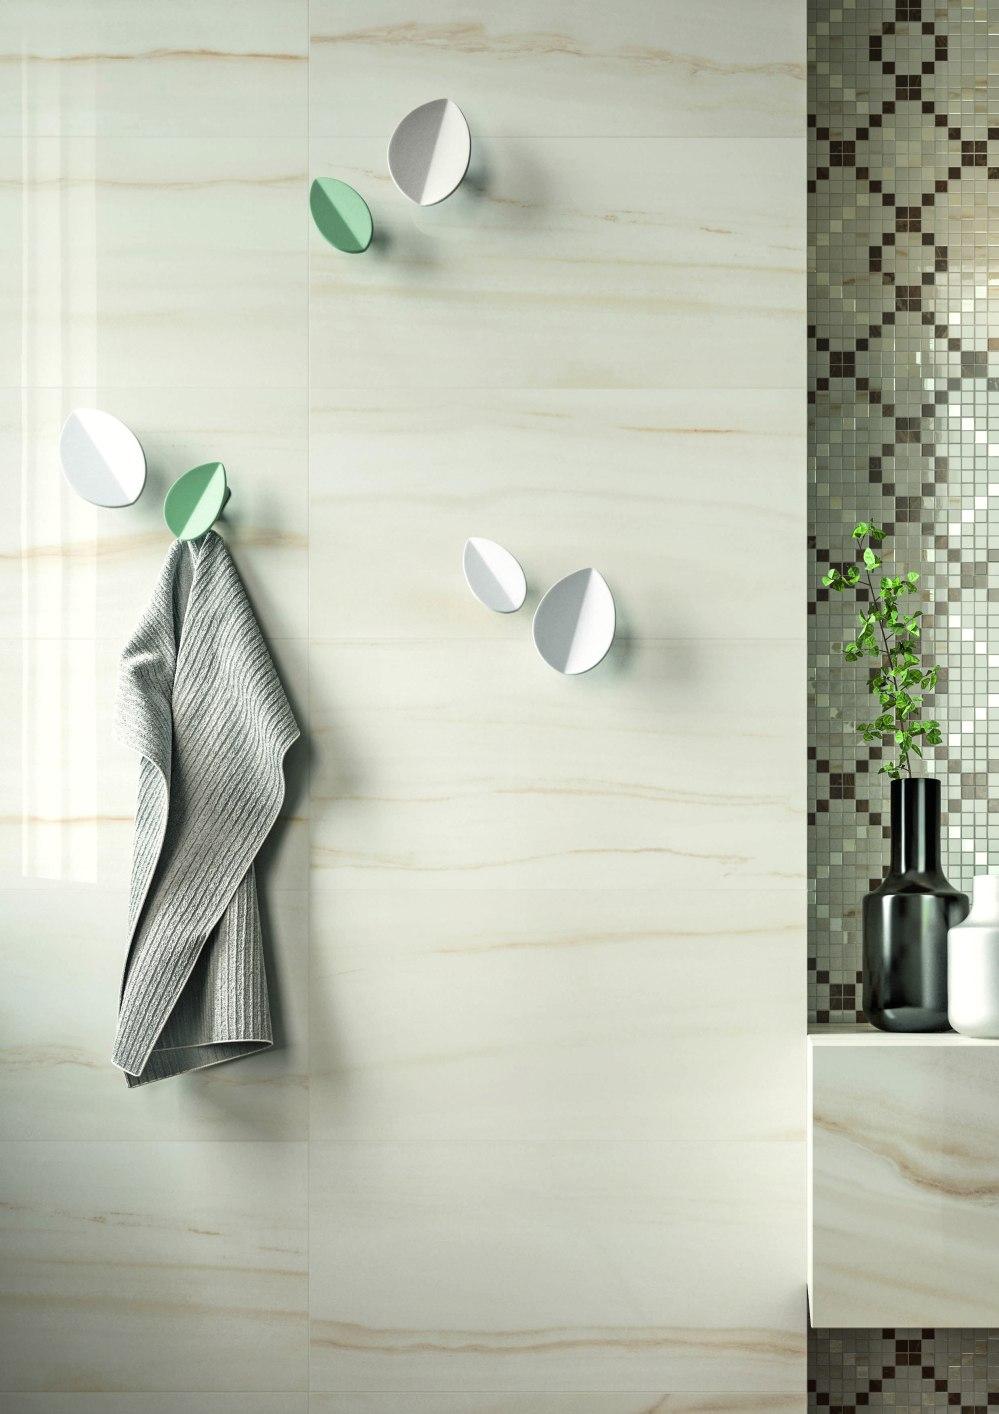 Miljöbild från badrum. På väggen en ljusbeige marmorplatta och handdukskrokar med en handduk.